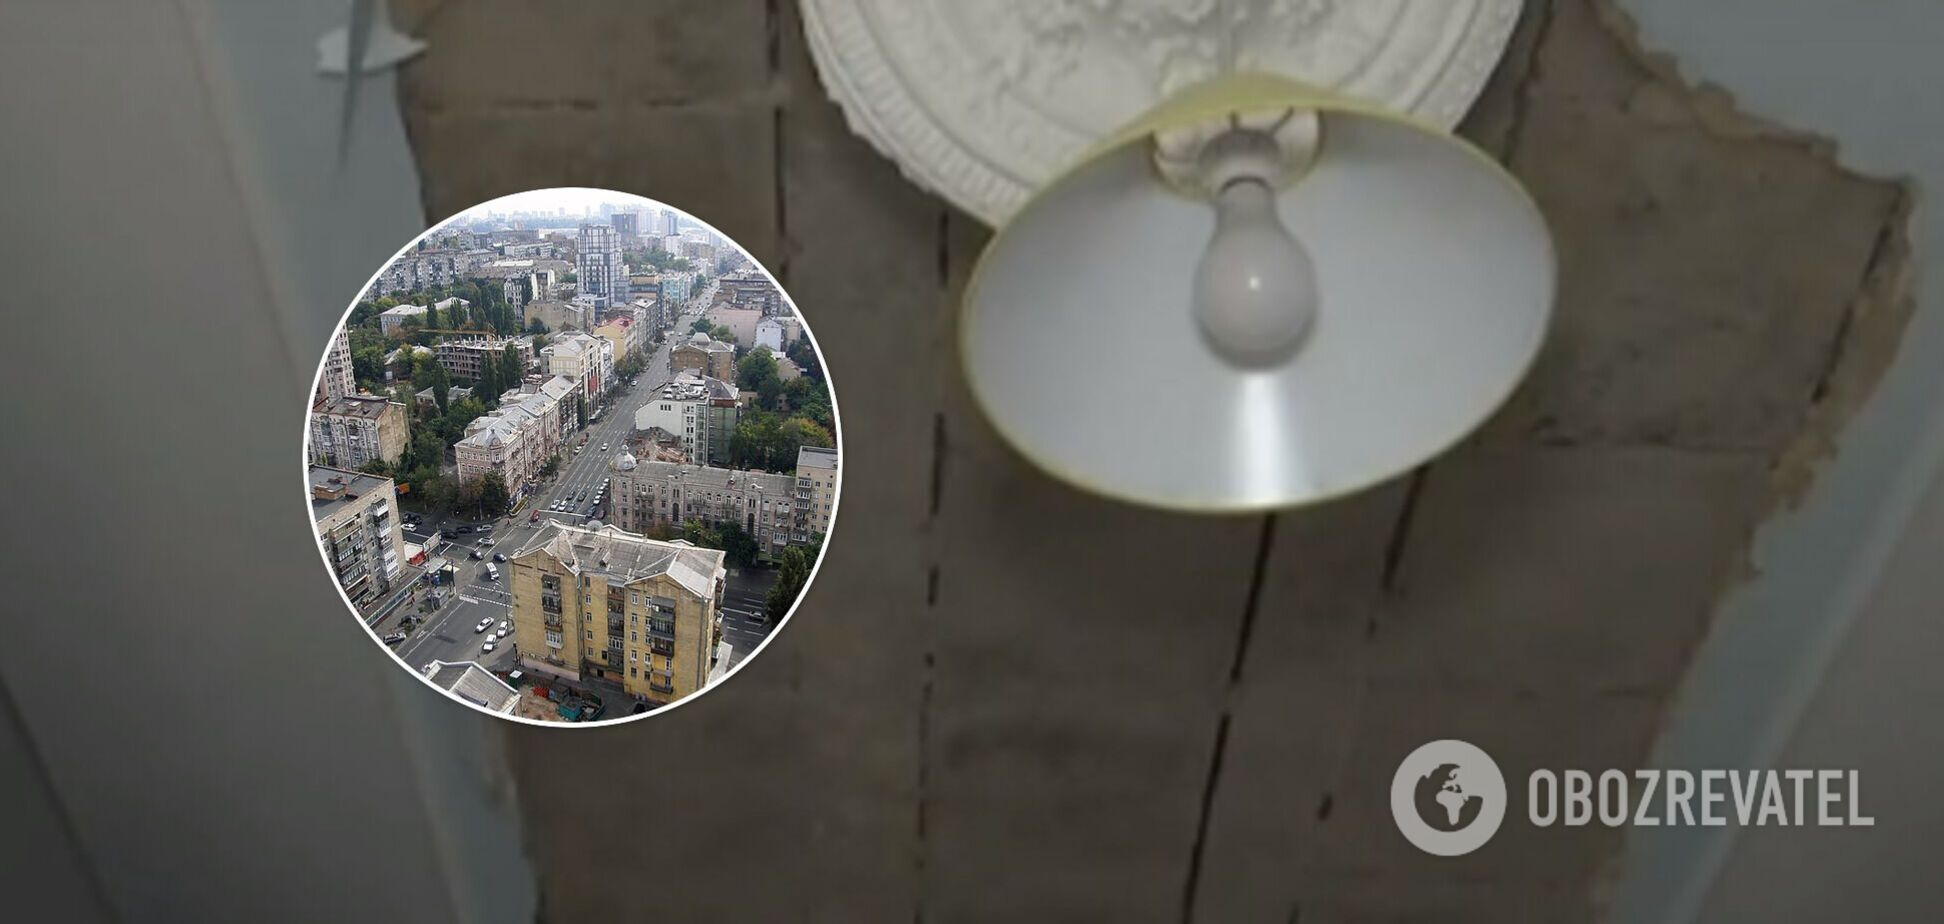 В центре Киева обвалился потолок старинного дома: женщина получила травмы головы. Видео